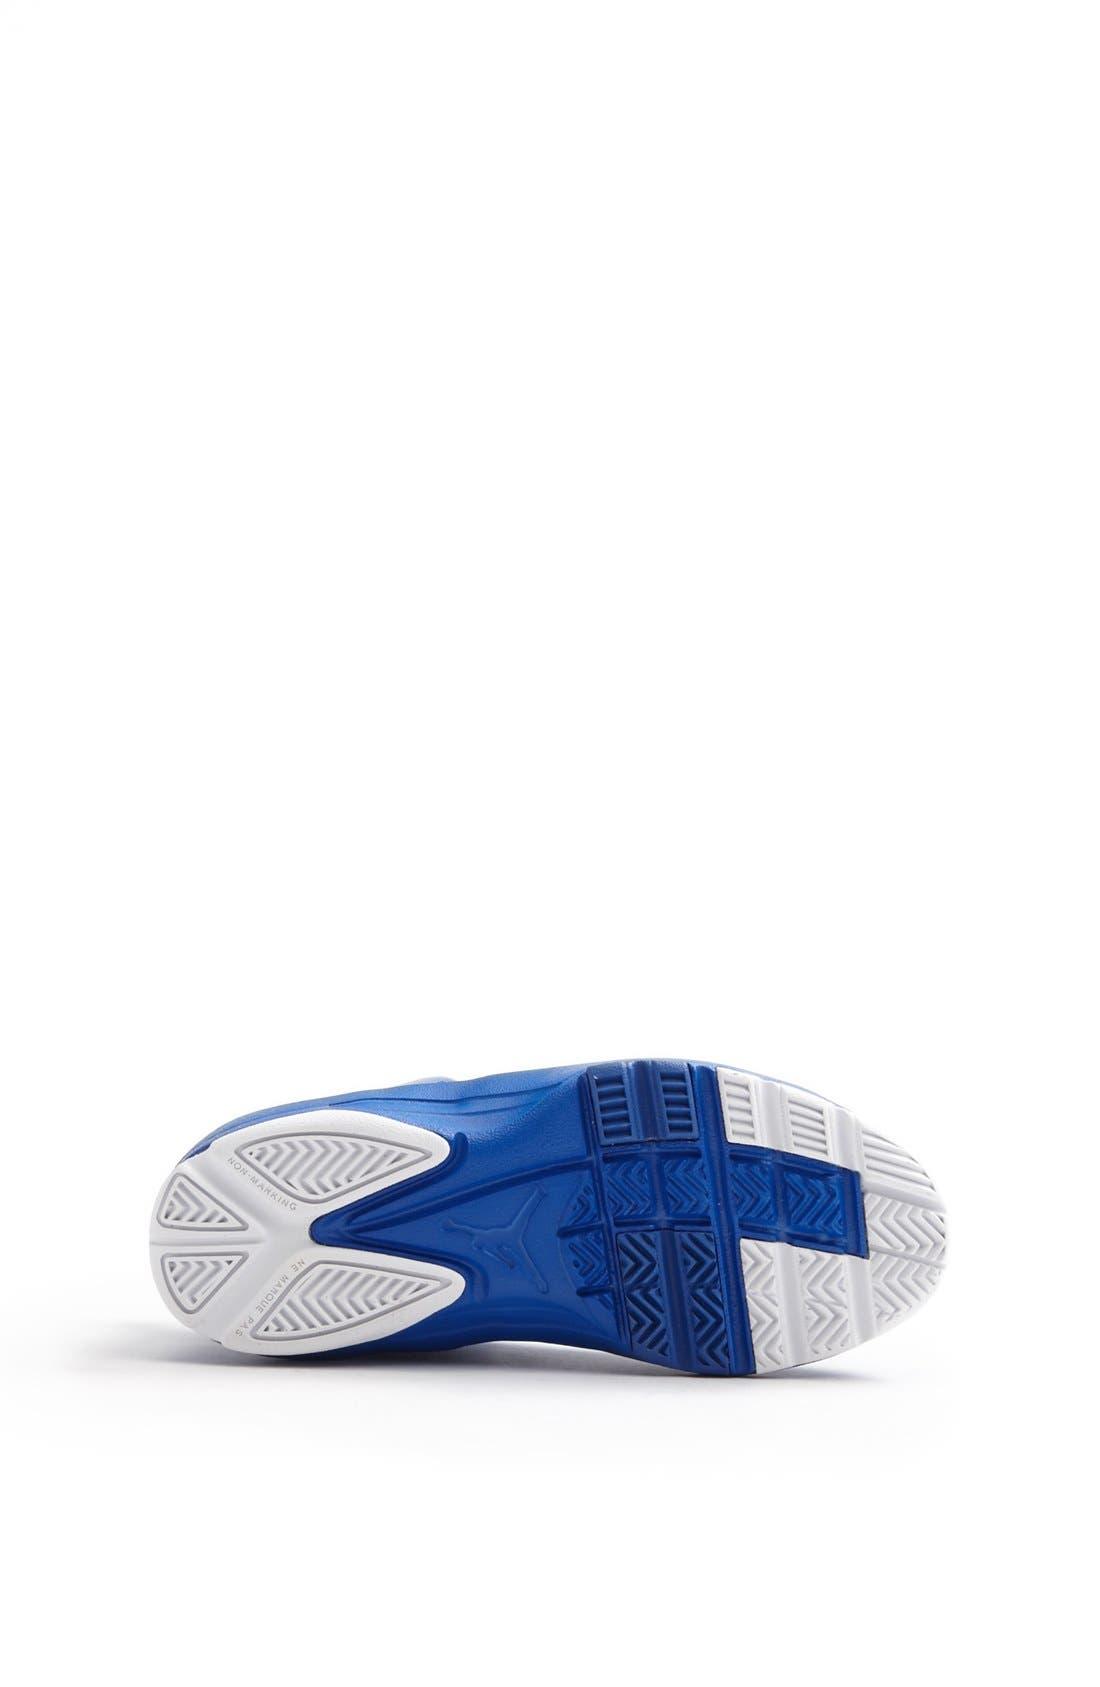 Alternate Image 4  - Nike 'Jordan SuperFly 2' Basketball Shoe (Toddler & Little Kid)